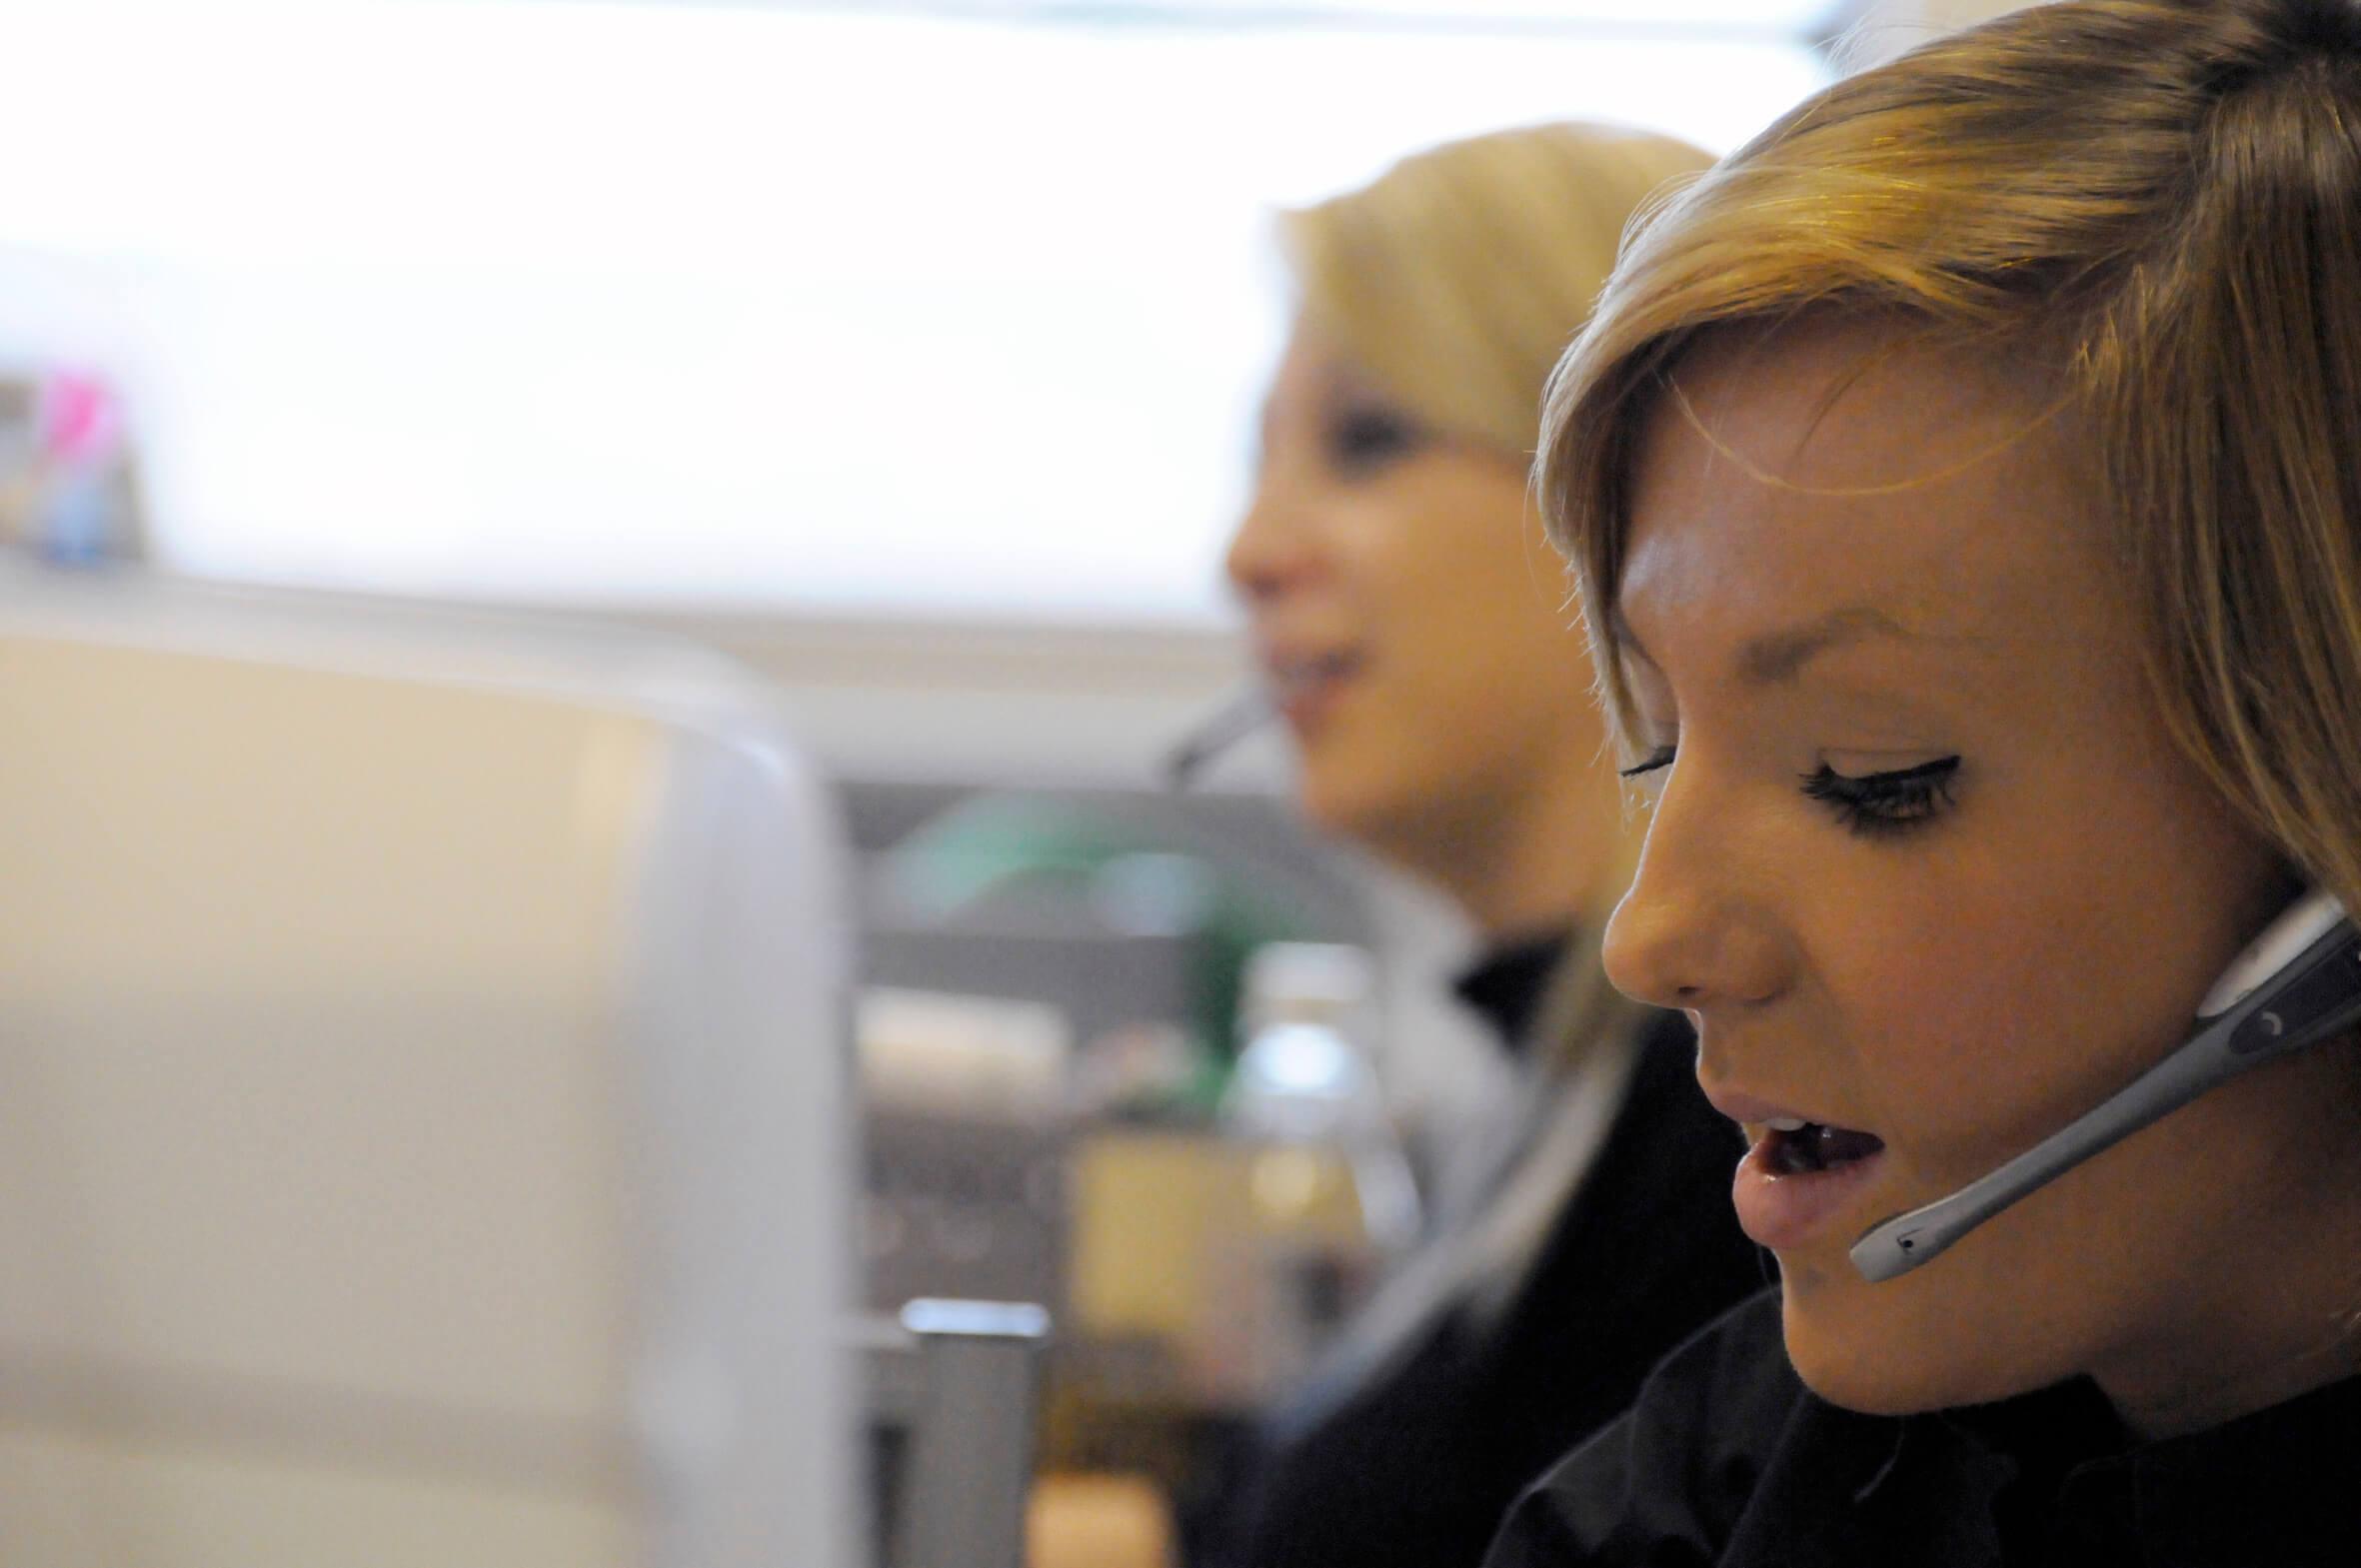 Two businesswomen talking on headsets